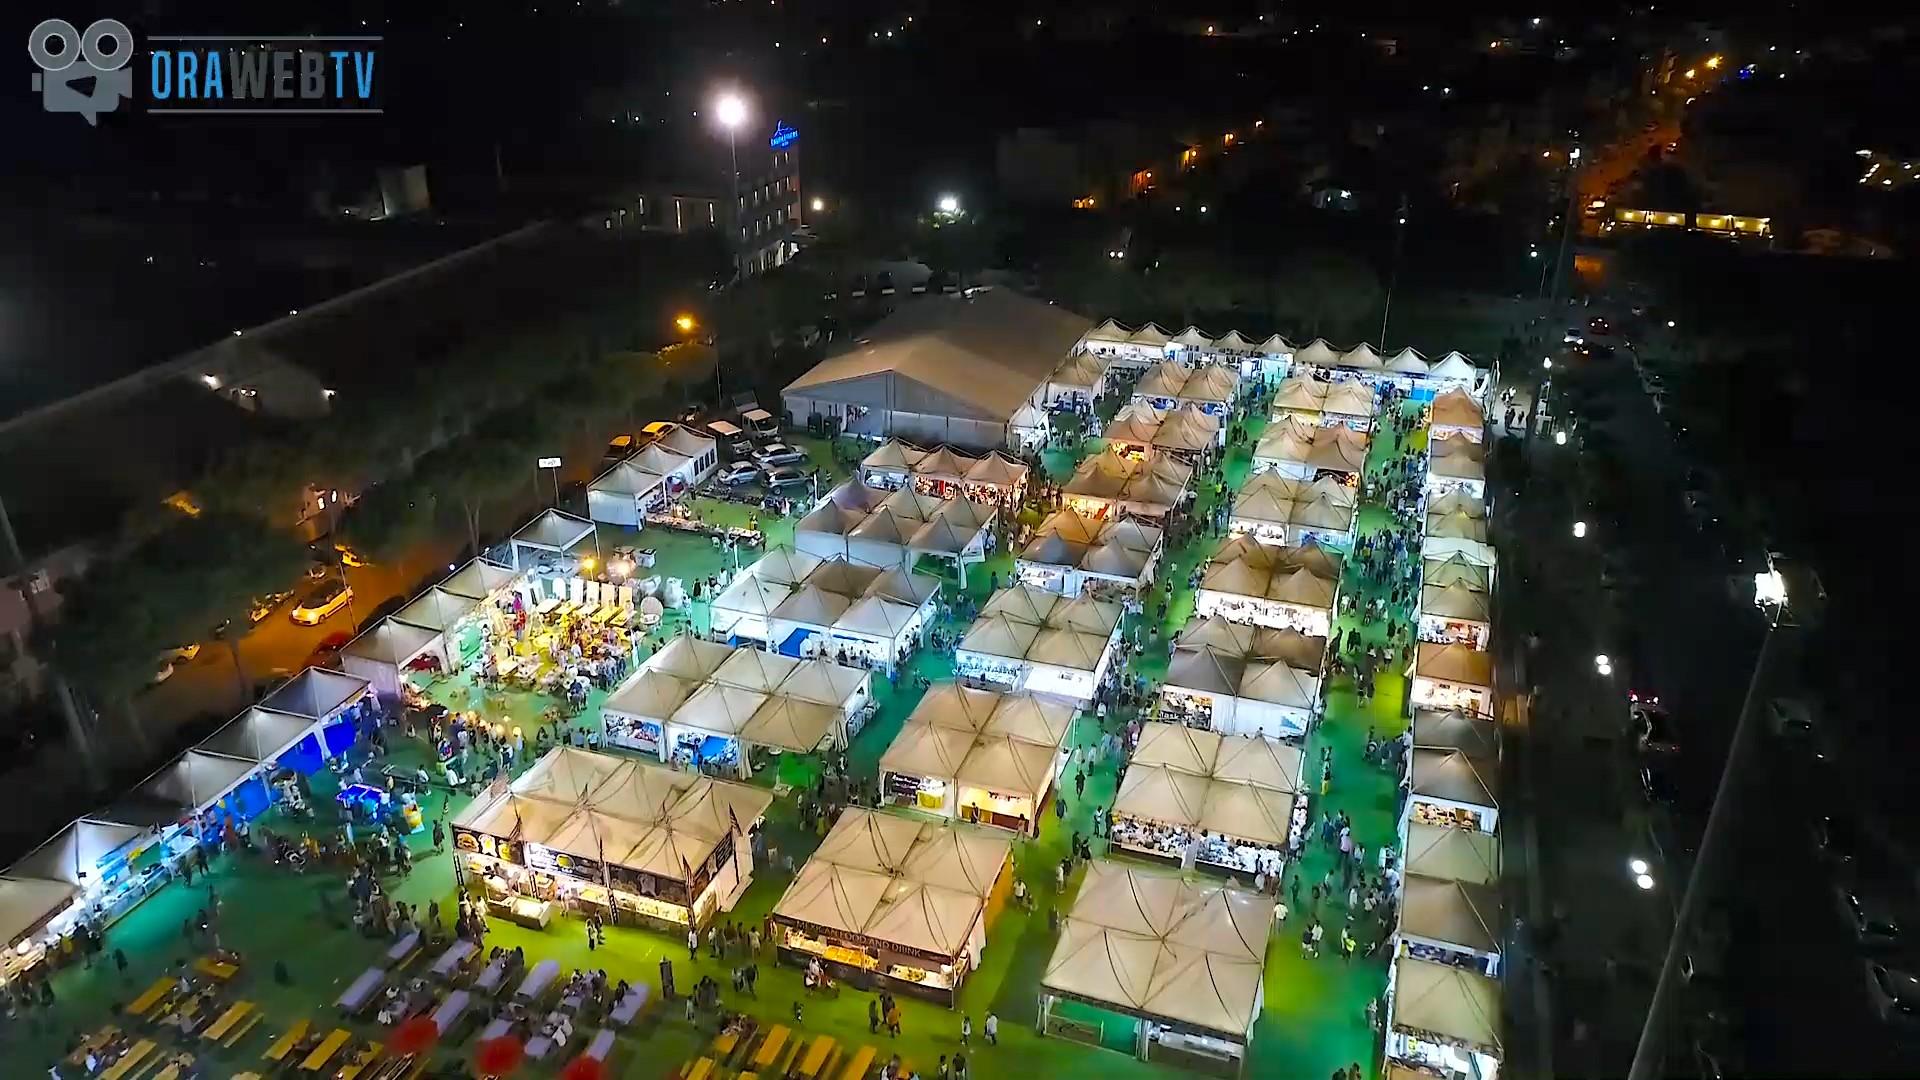 Inaugurazione 'Oliveri Expo 2019', -24 ore al via della XIV edizione della 'Fiera dei grandi numeri tra tradizione e innovazione'